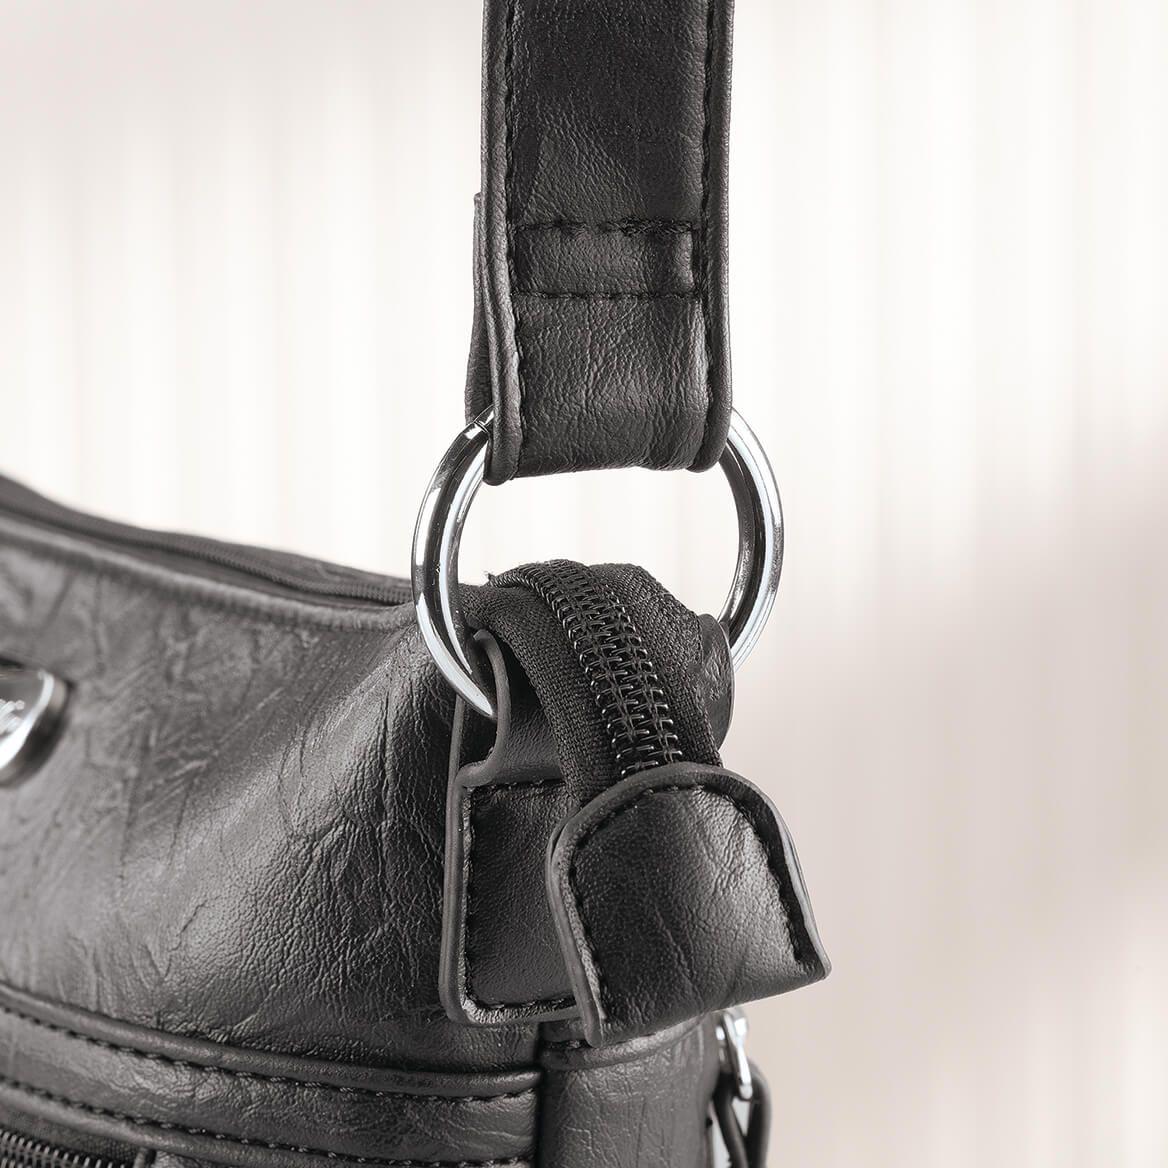 B.Amici™ Francesca RFID Lockport Crossbody Bag-367444